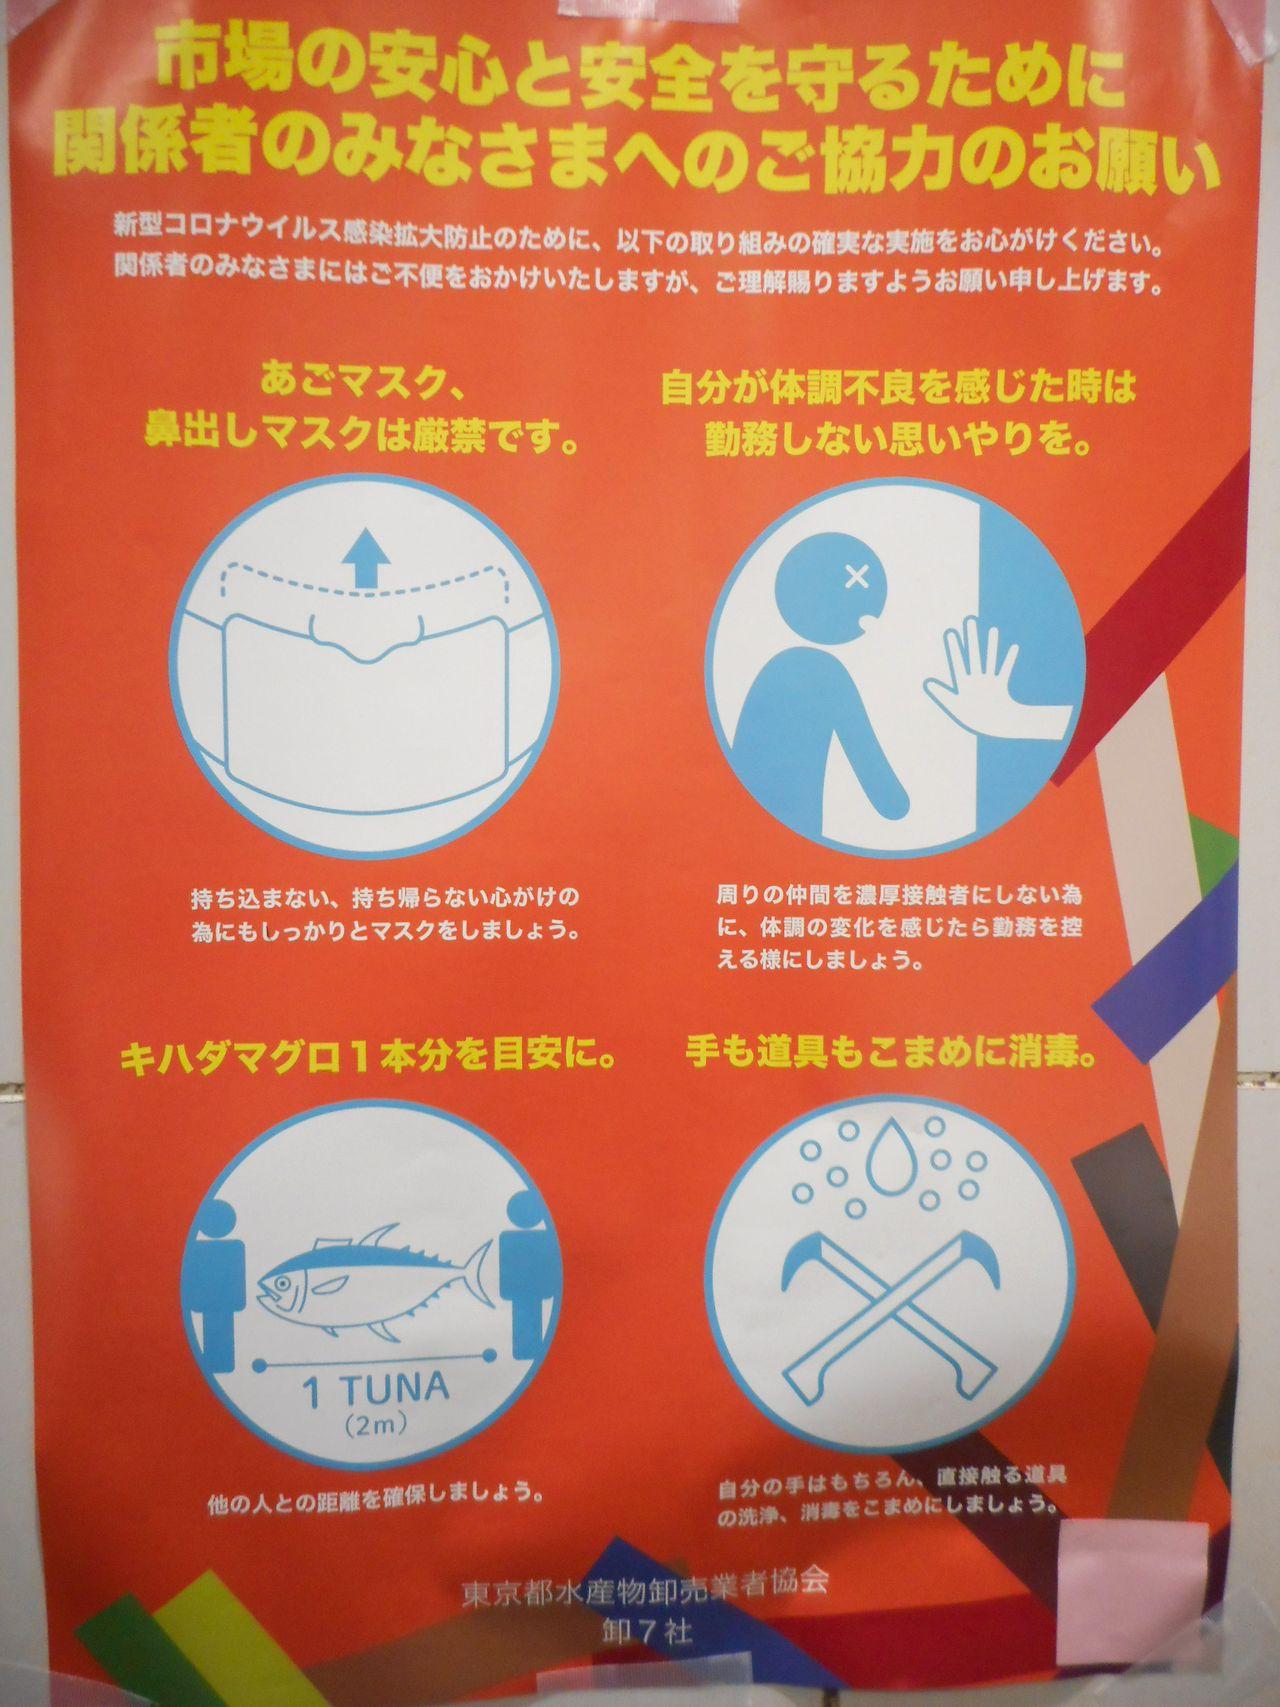 """Poster tentang jarak sosial ini menyarankan orang untuk memisahkan """"satu tuna-length"""". (Disediakan oleh pekerja Pasar Toyosu)"""